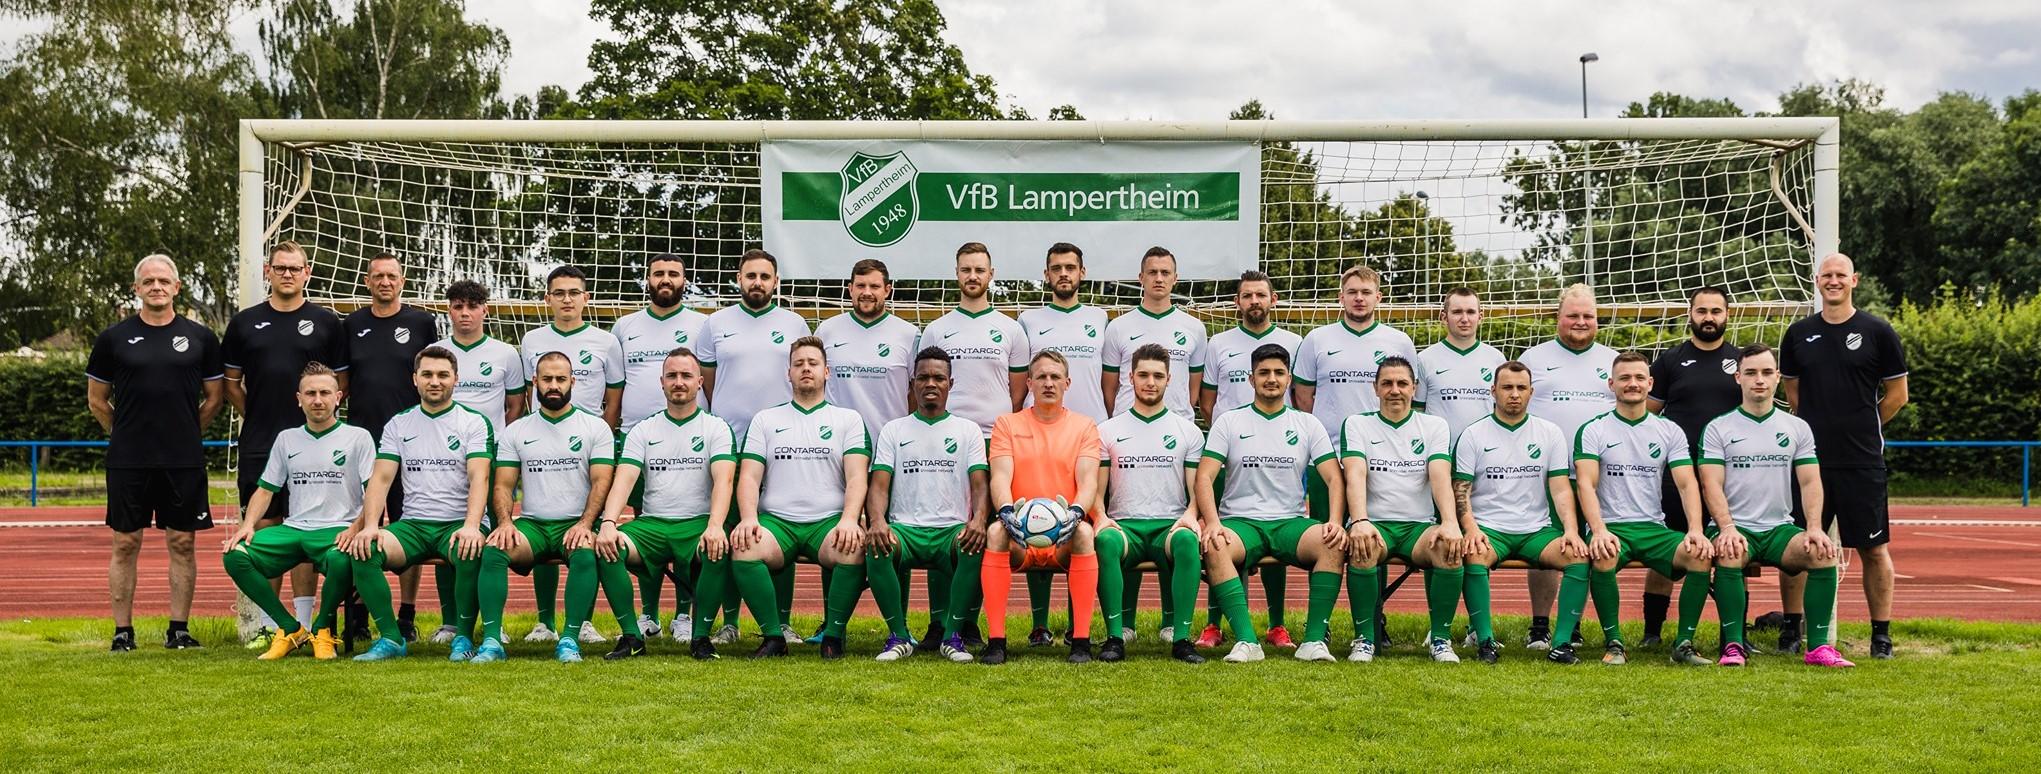 VfB Lampertheim 1948 e.V.